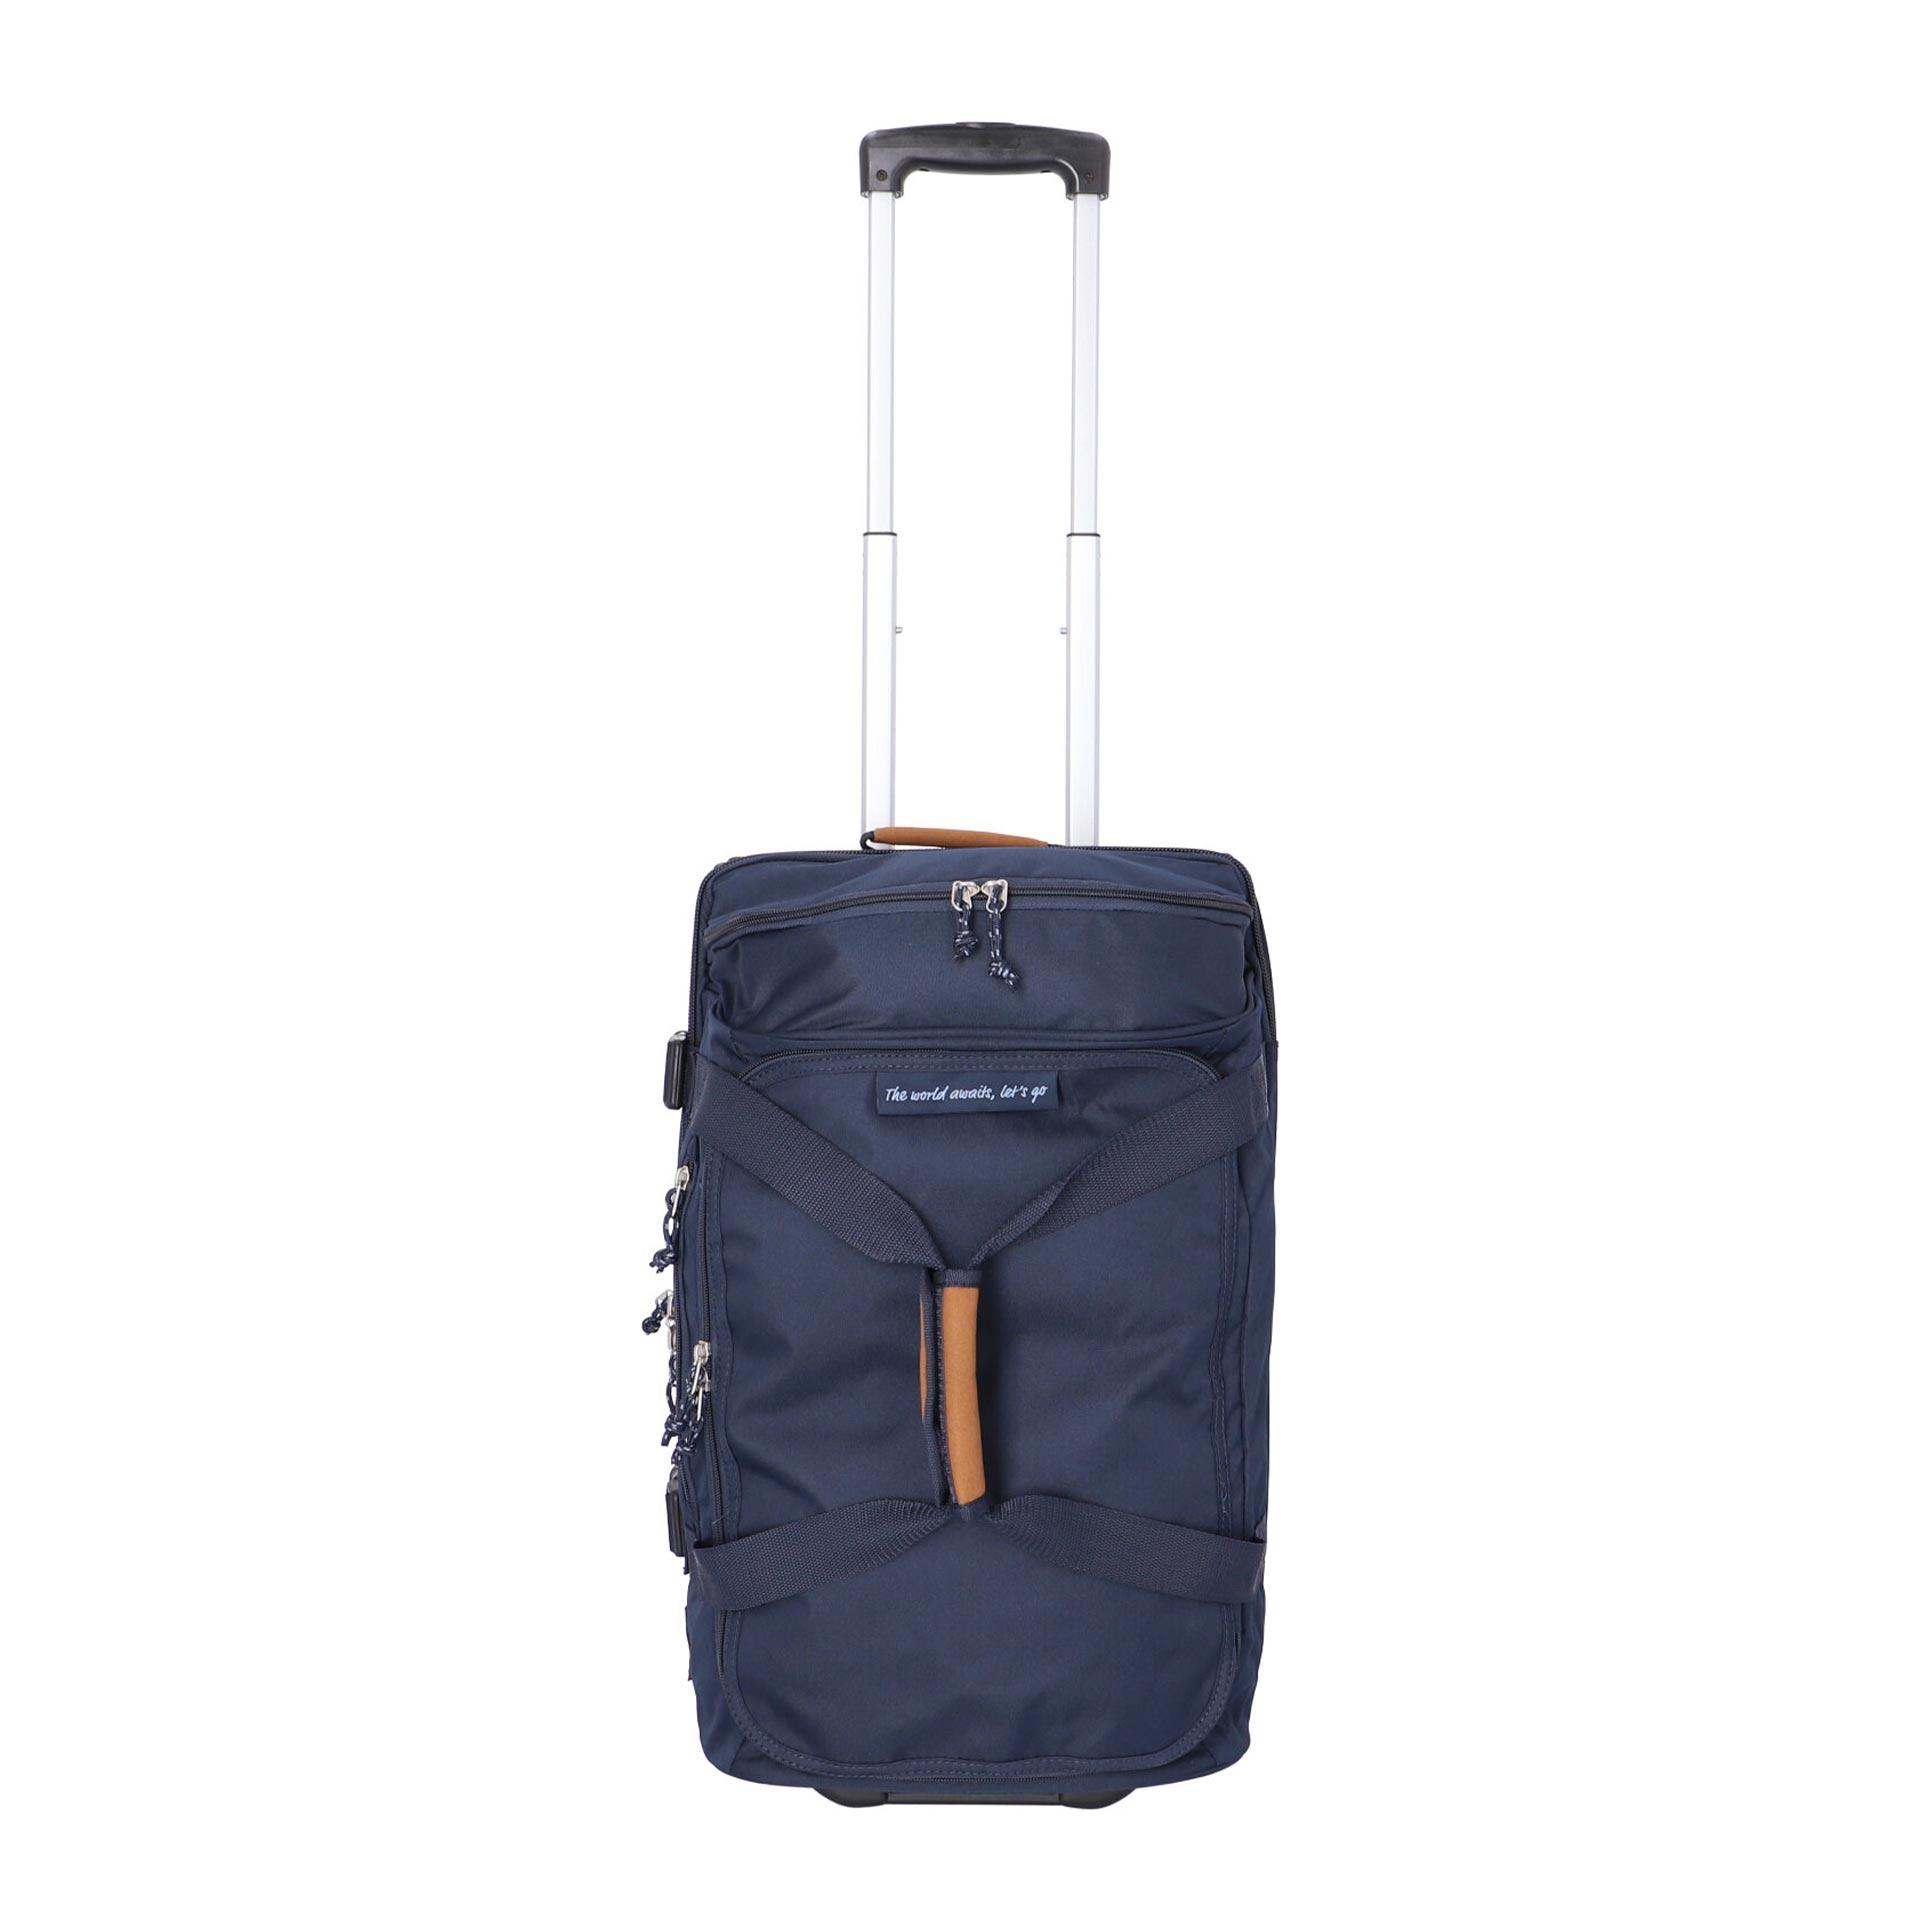 Alltrail Reisetasche mit Rollen 55cm navy